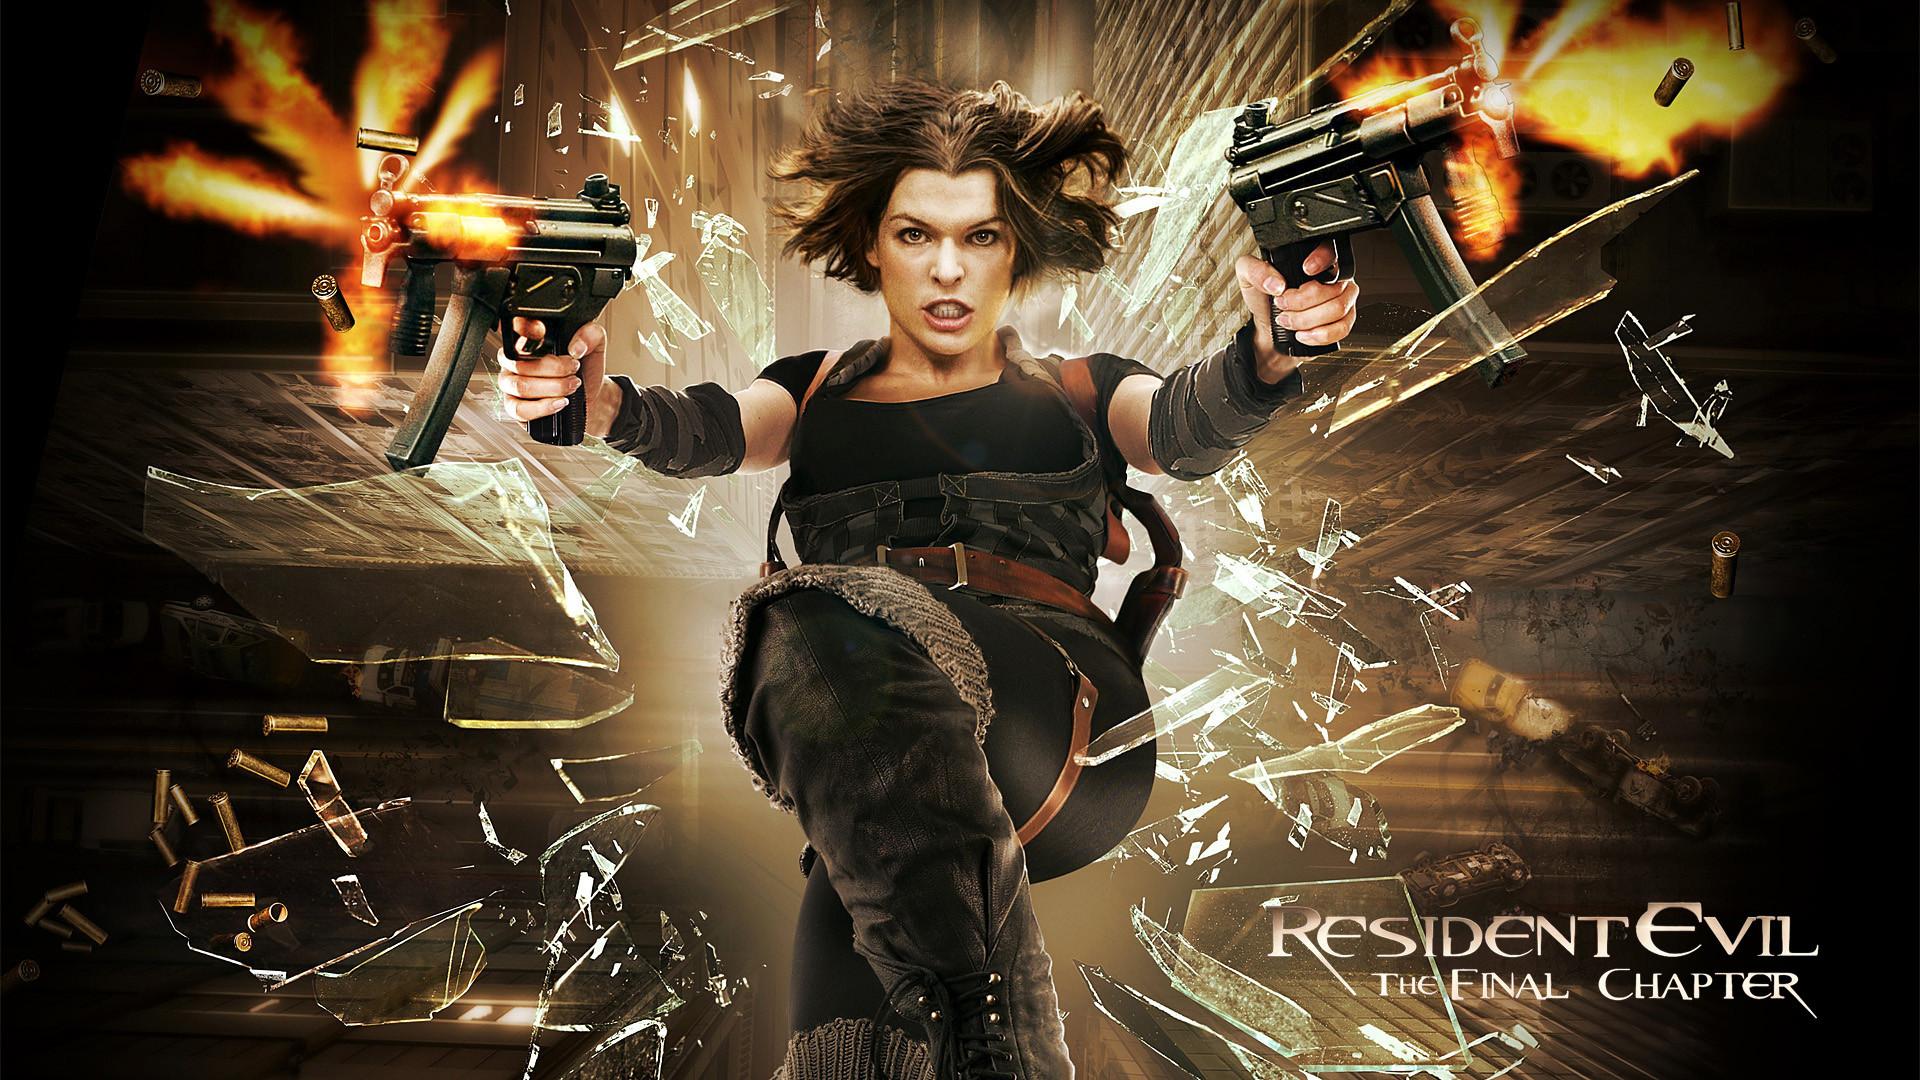 Resident Evil 6 wallpaper HD film poster 2017